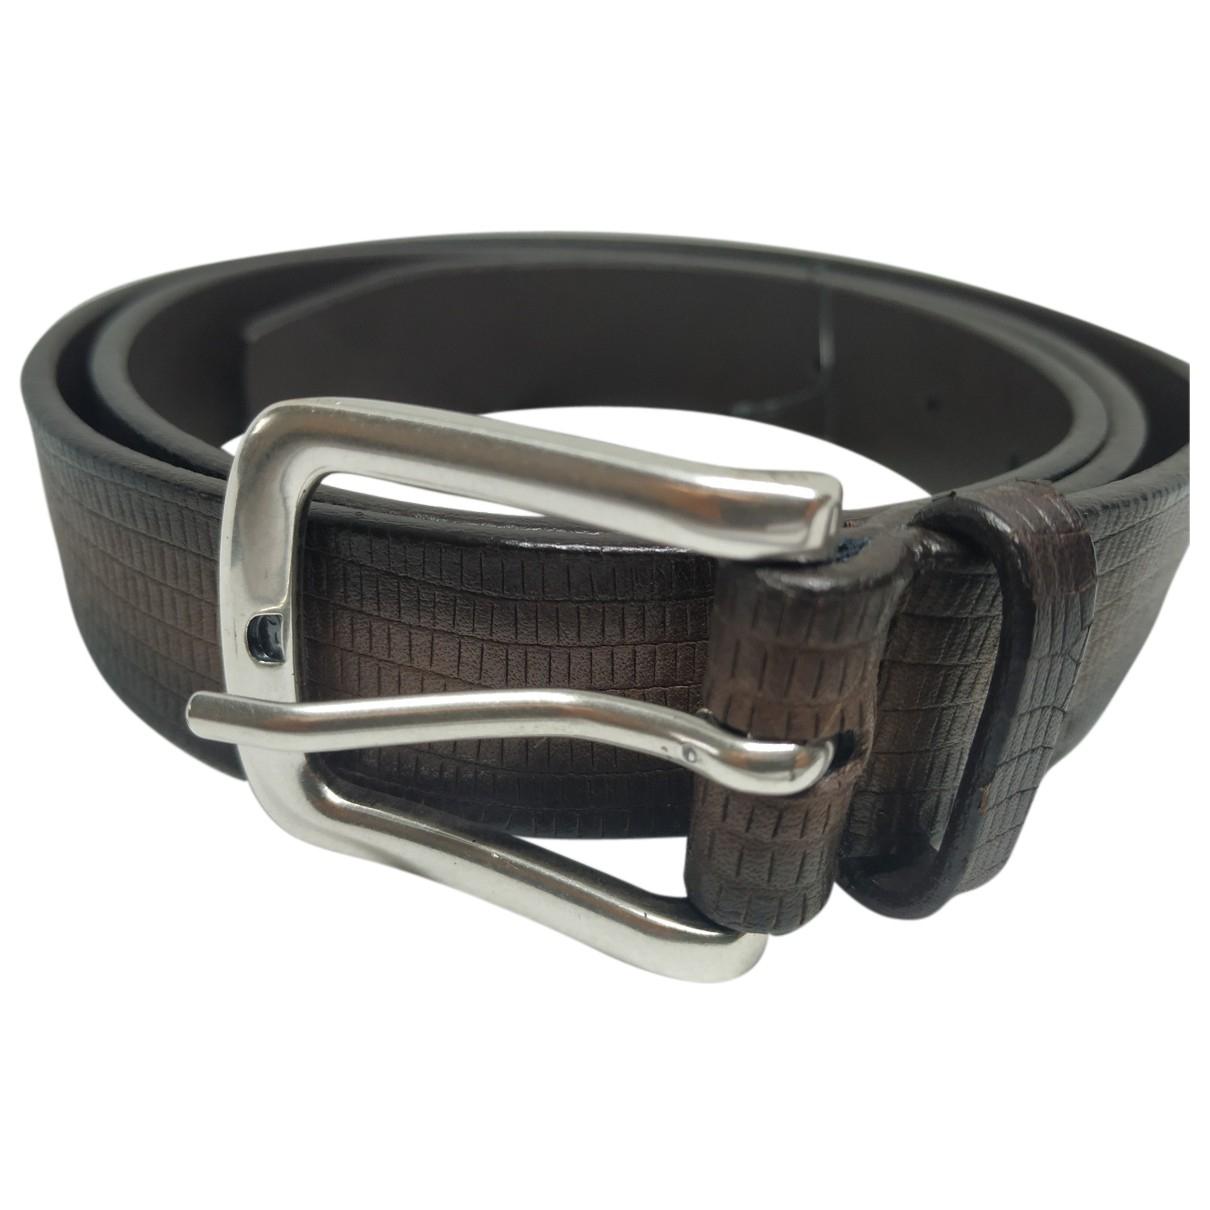 Cinturon de Cuero Orciani